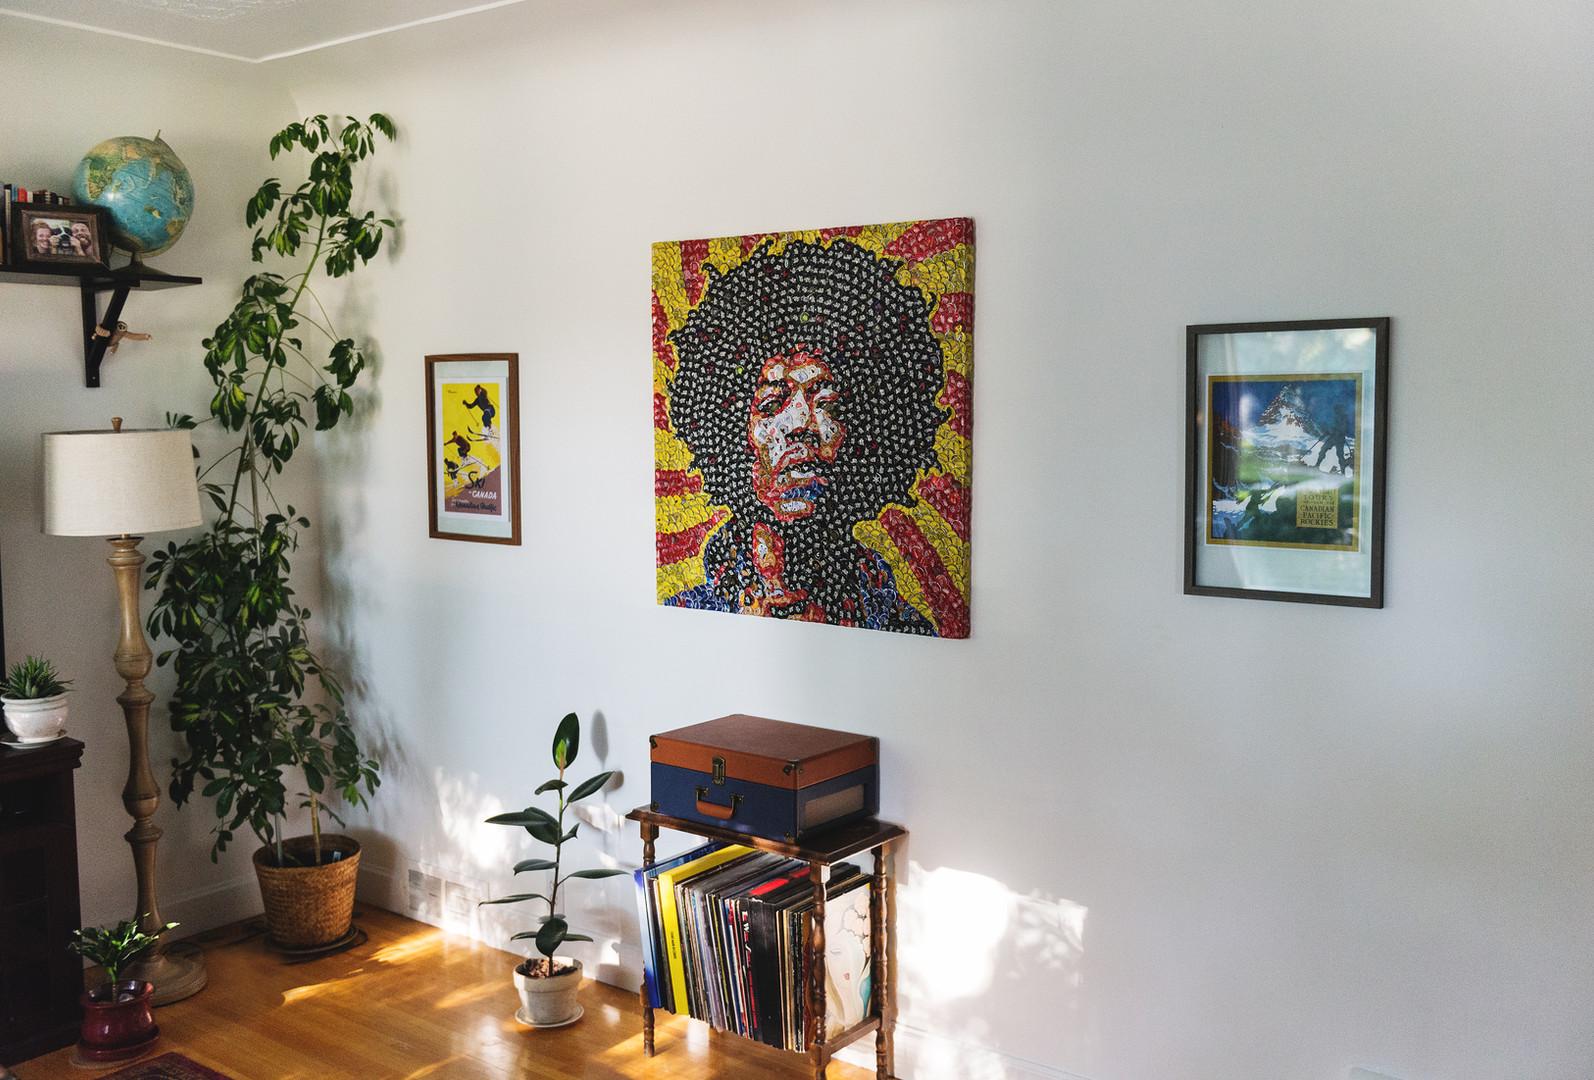 Jimi Hendrix - On Location